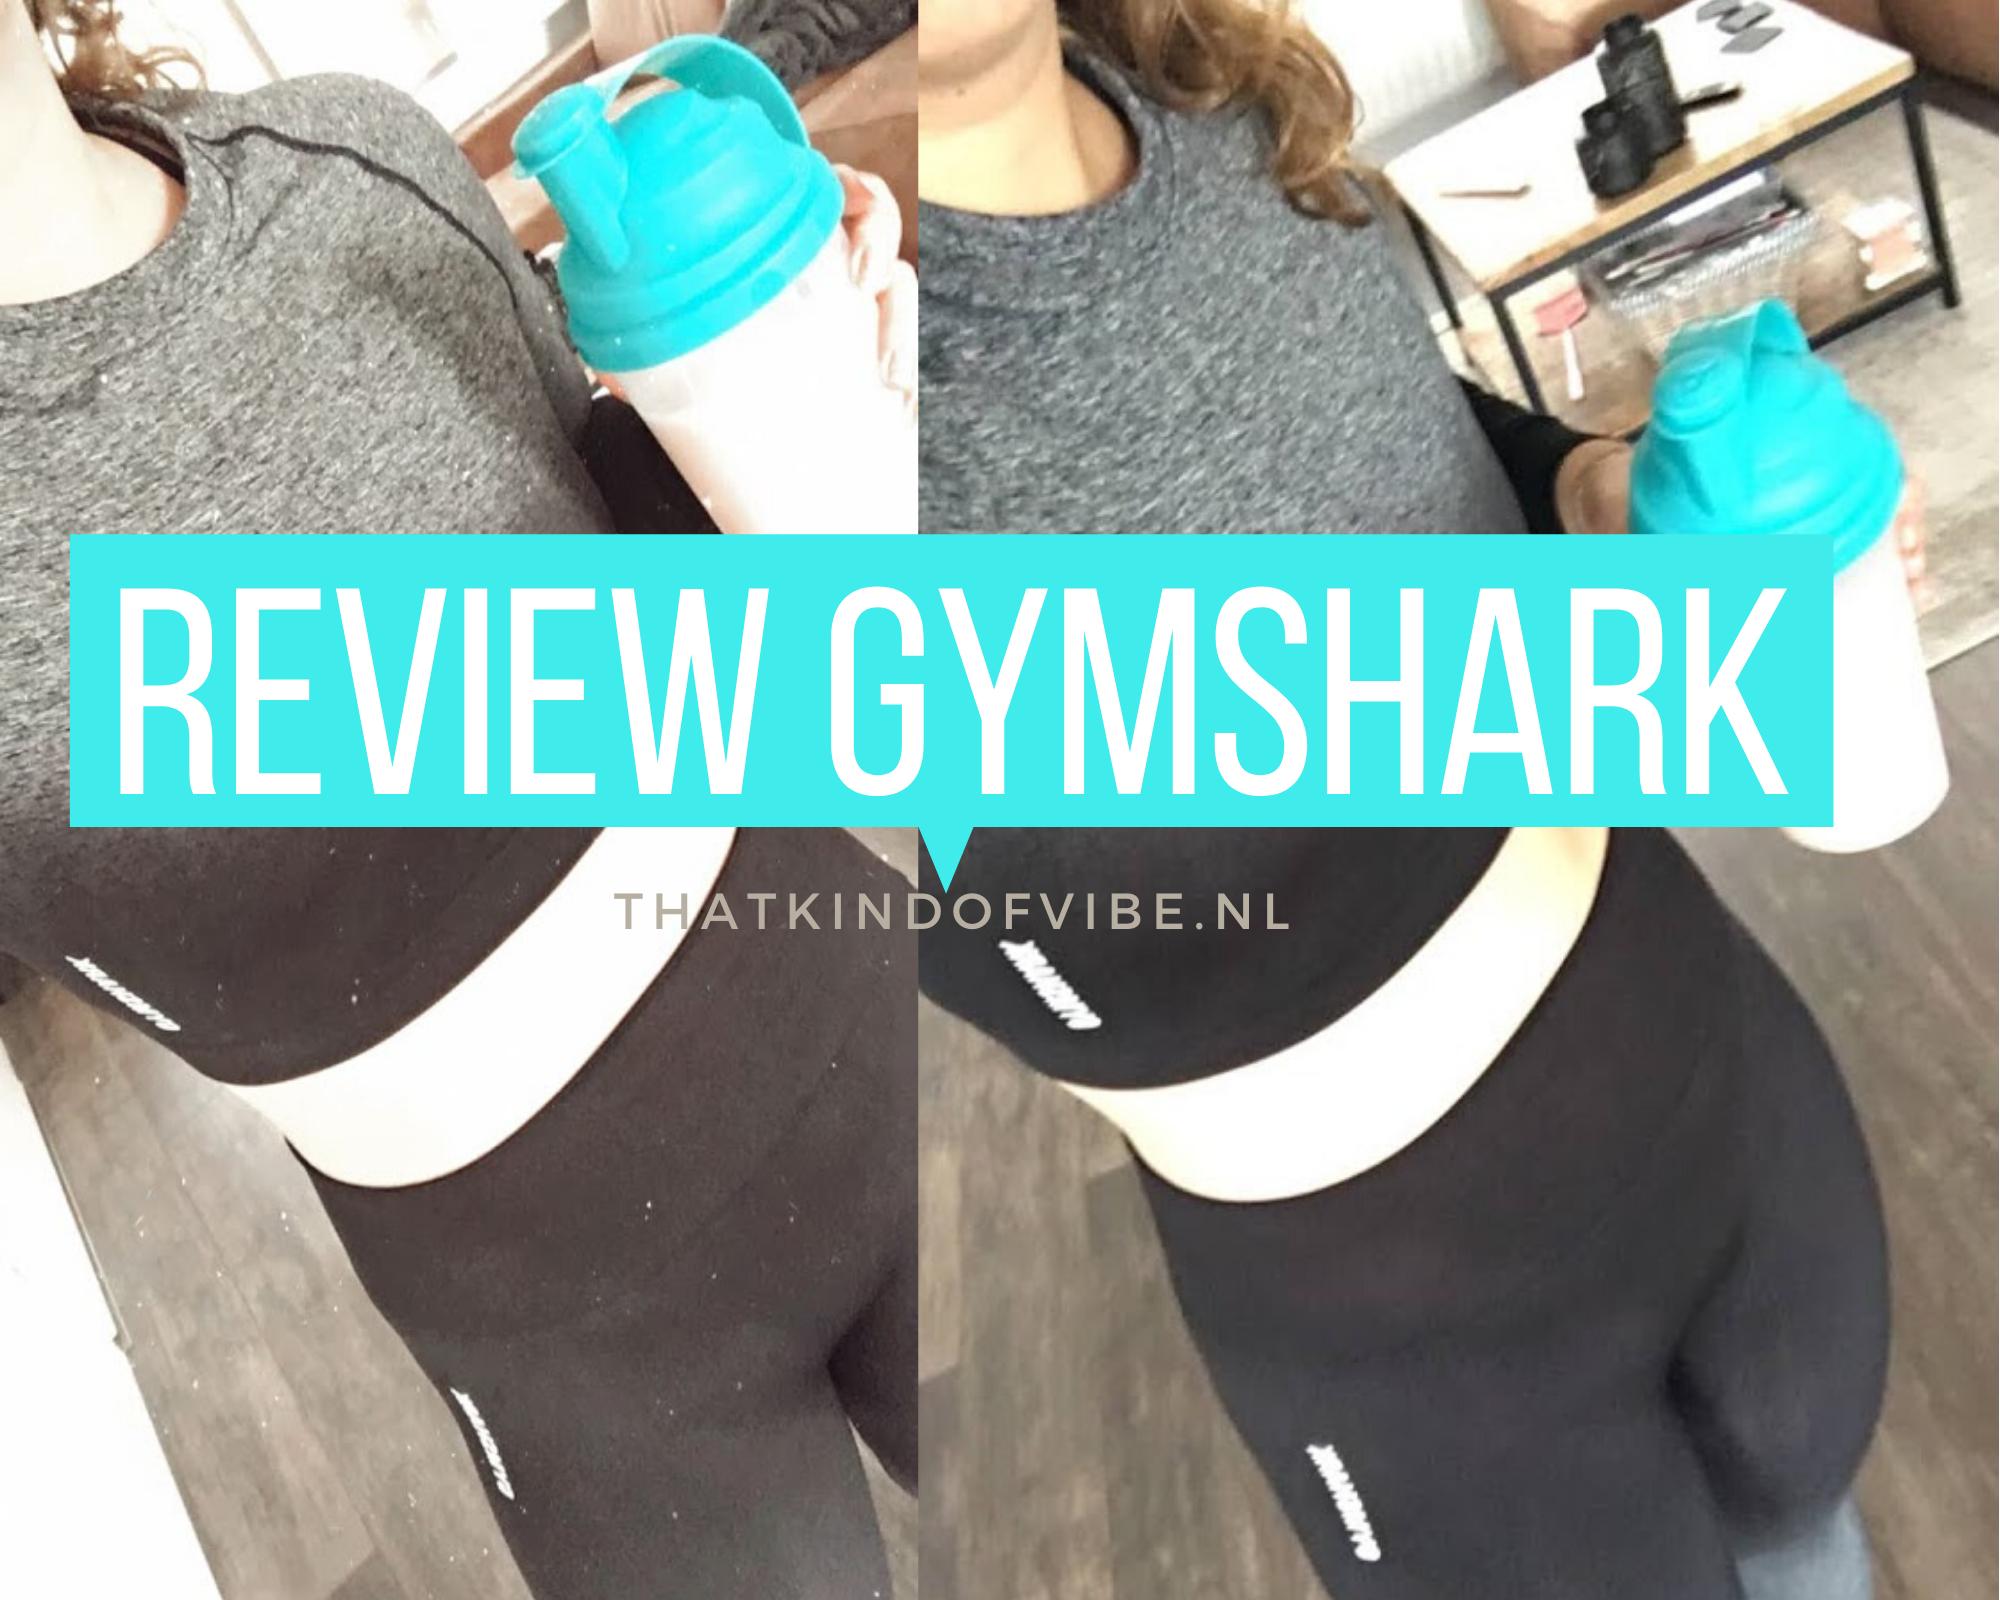 Review Gymshark sportkleding